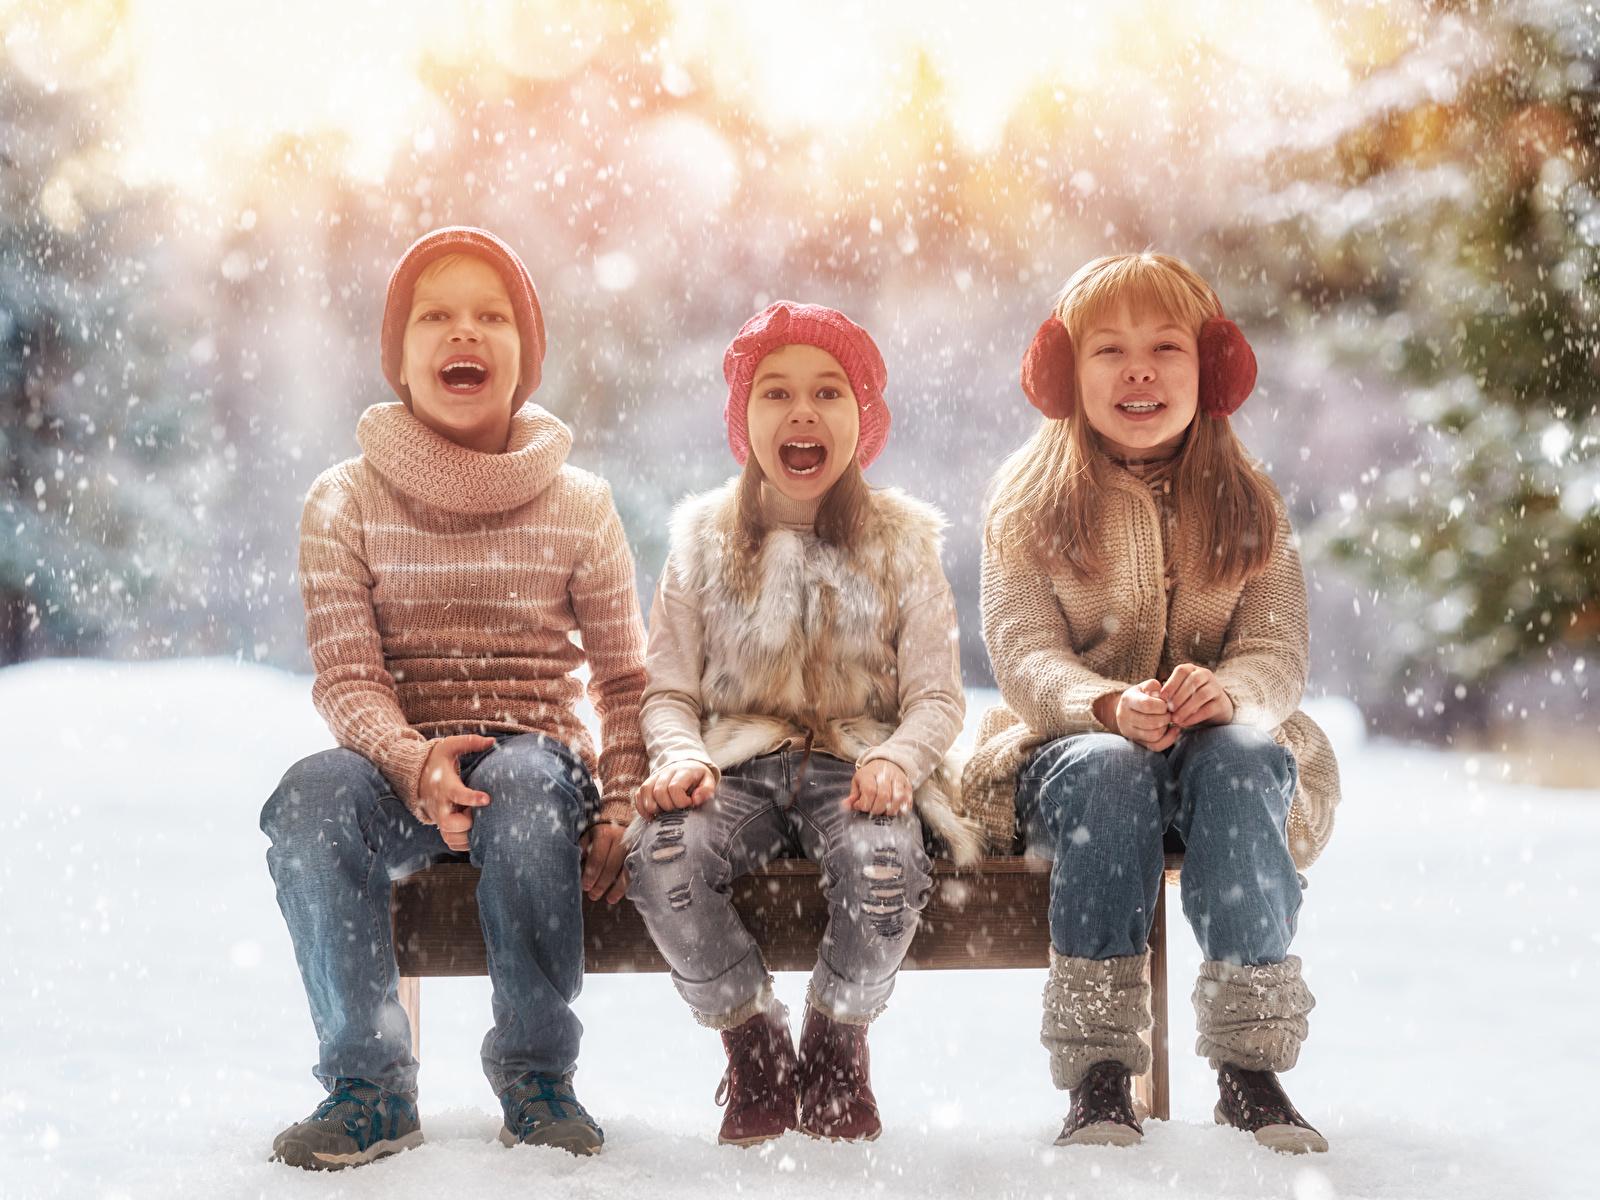 Fotos von Kleine Mädchen Junge Glücklich Kinder Winter Jeans Schnee Drei 3 Sitzend 1600x1200 Freude